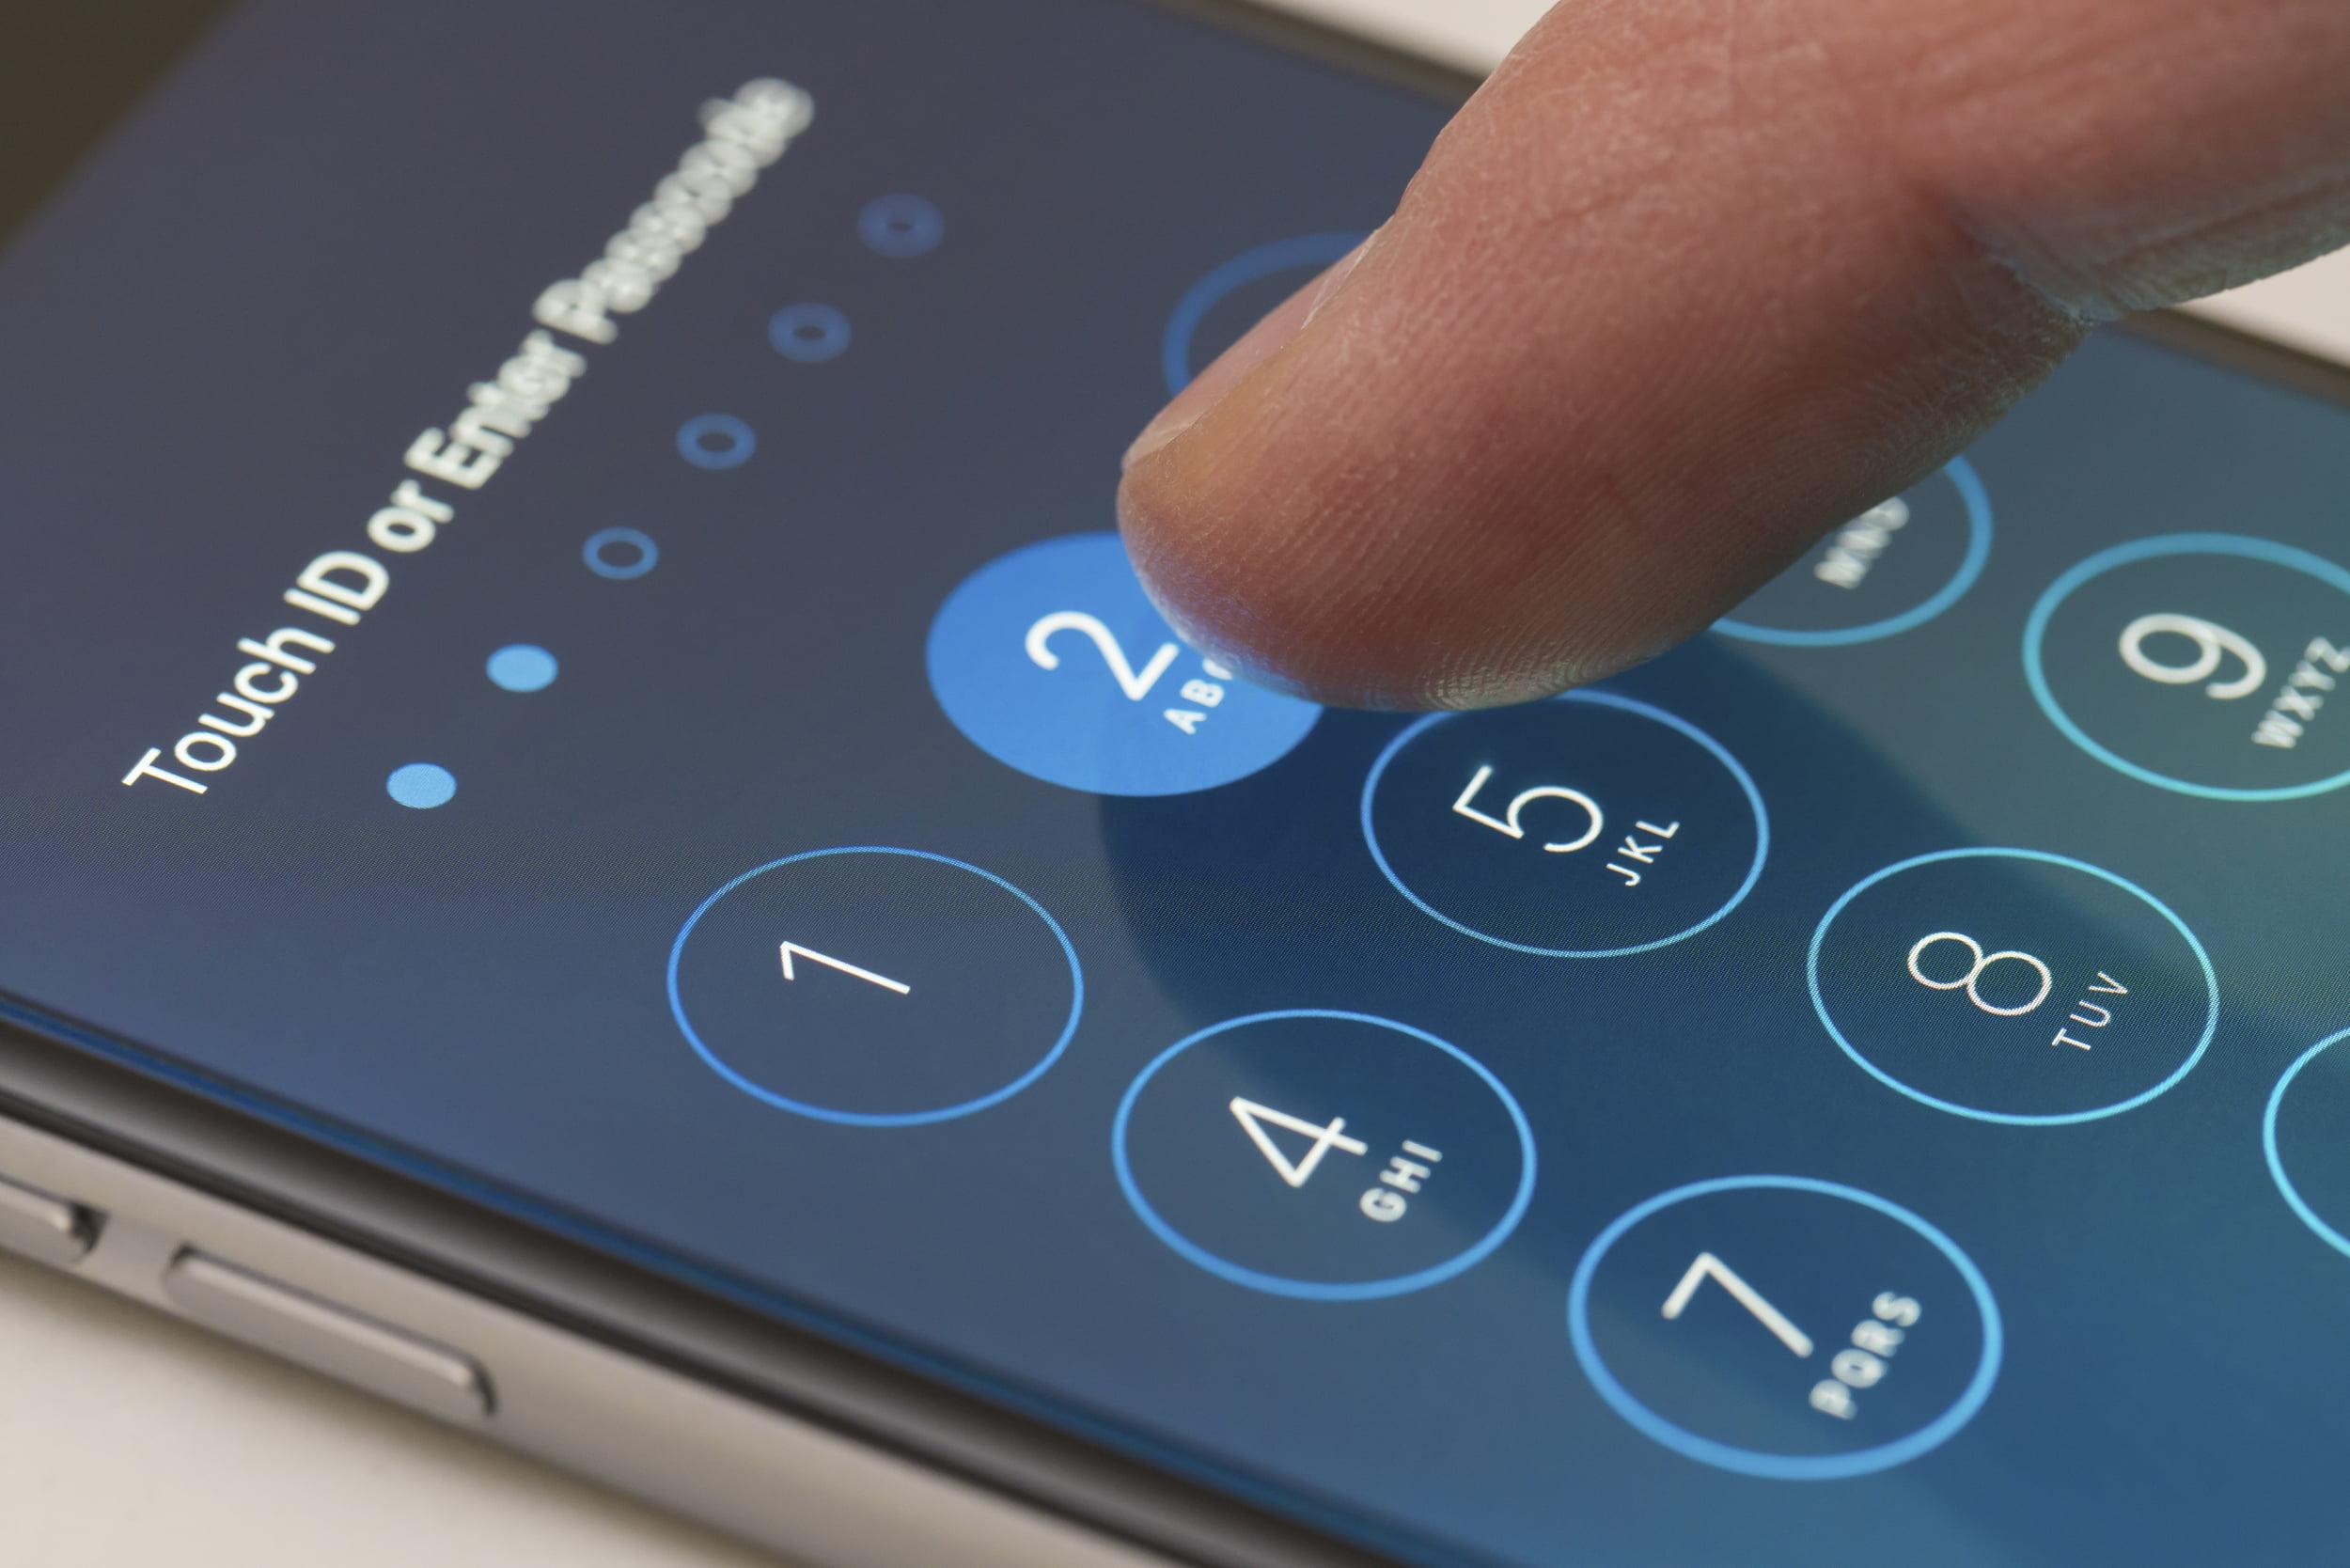 8 способов сделать пароль от iPhone неуязвимым для хакеров и госорганов